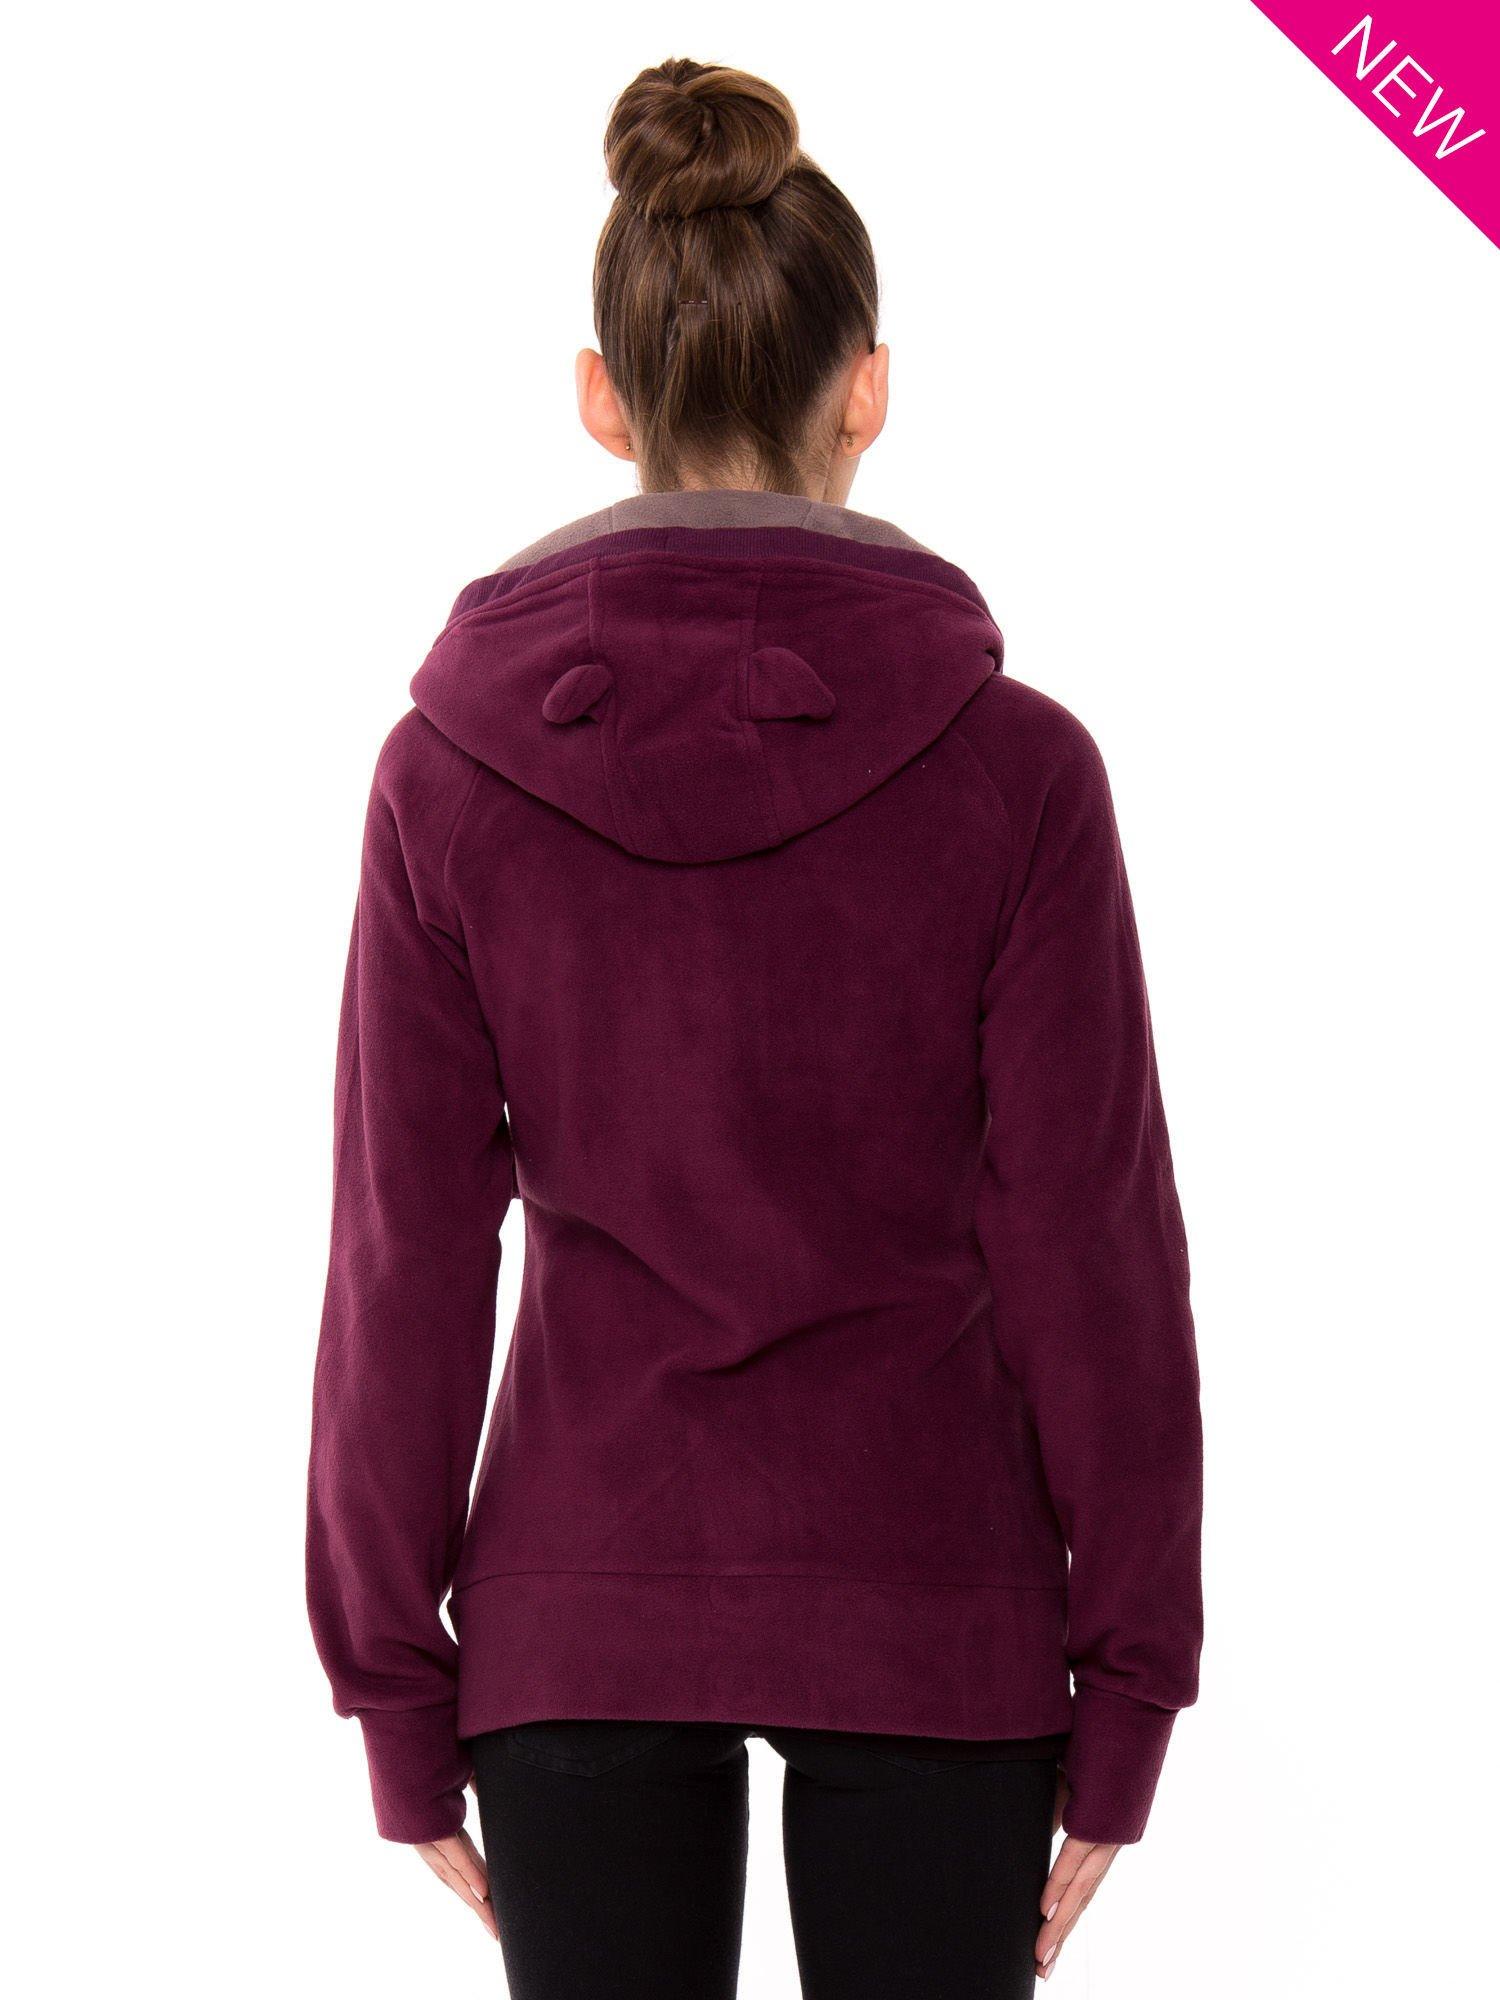 Purpurowa polarowa bluza z kapturem z uszkami                                  zdj.                                  3